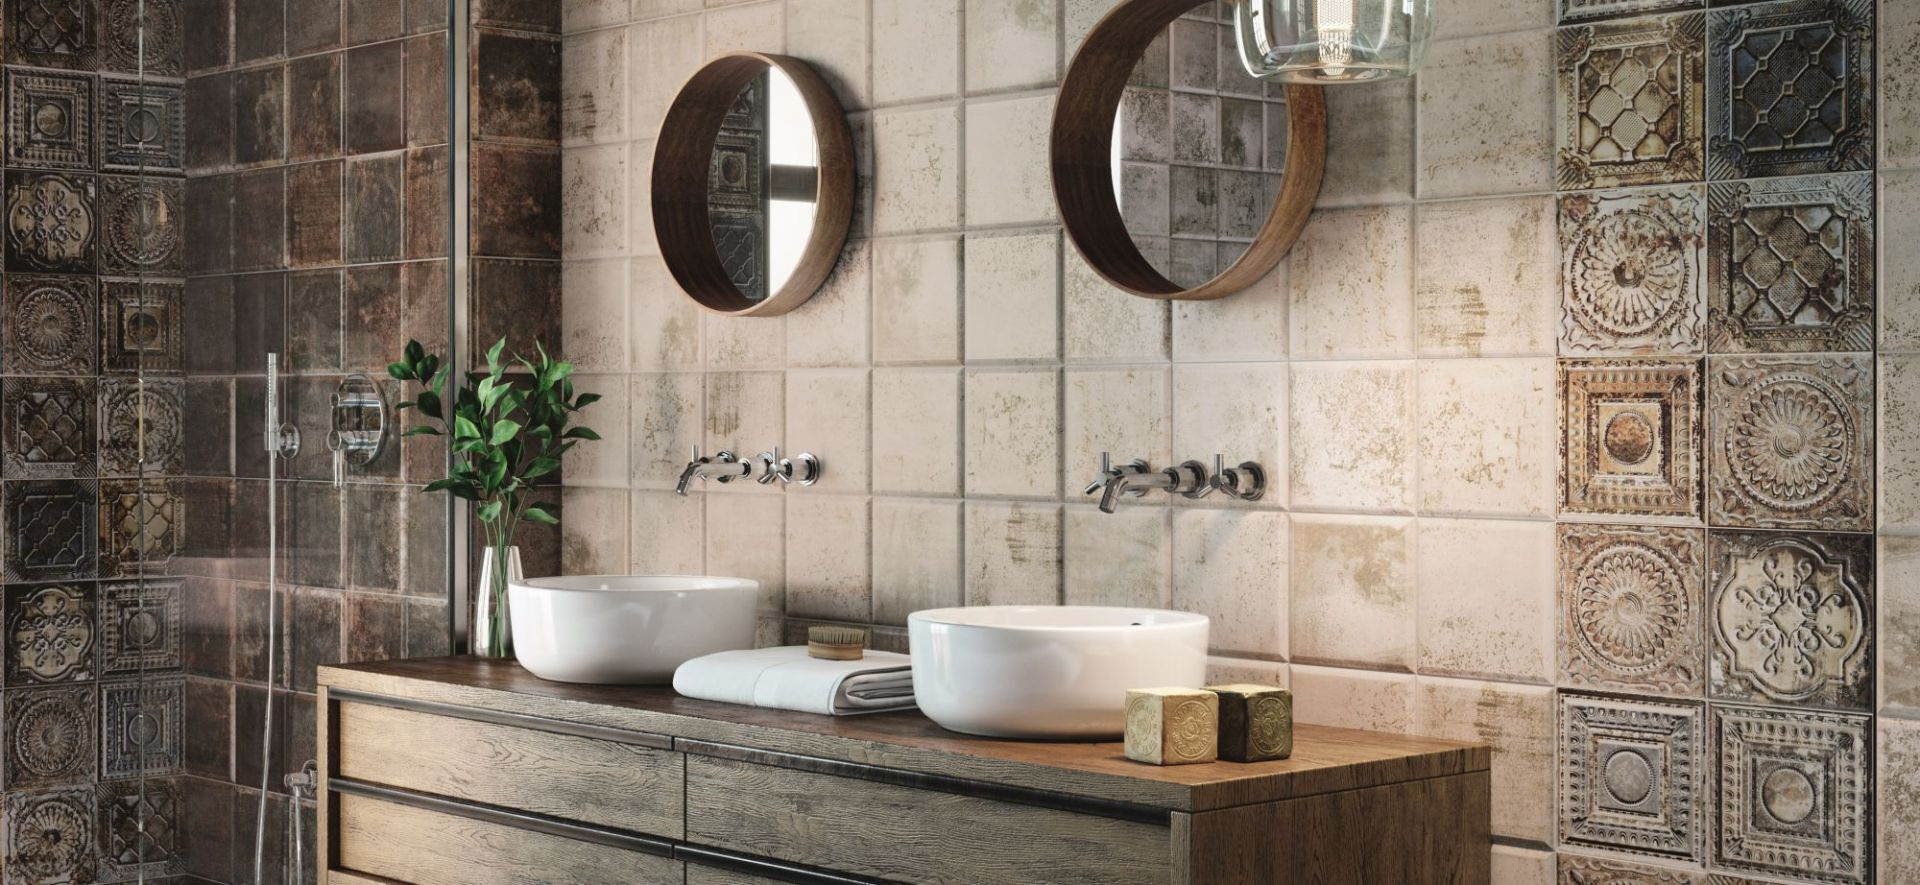 Nowoczesna łazienka. 30 pięknych kolekcji płytek ceramicznych. Mainzu, kolekcja Tin-tile. Fot. Mainzu